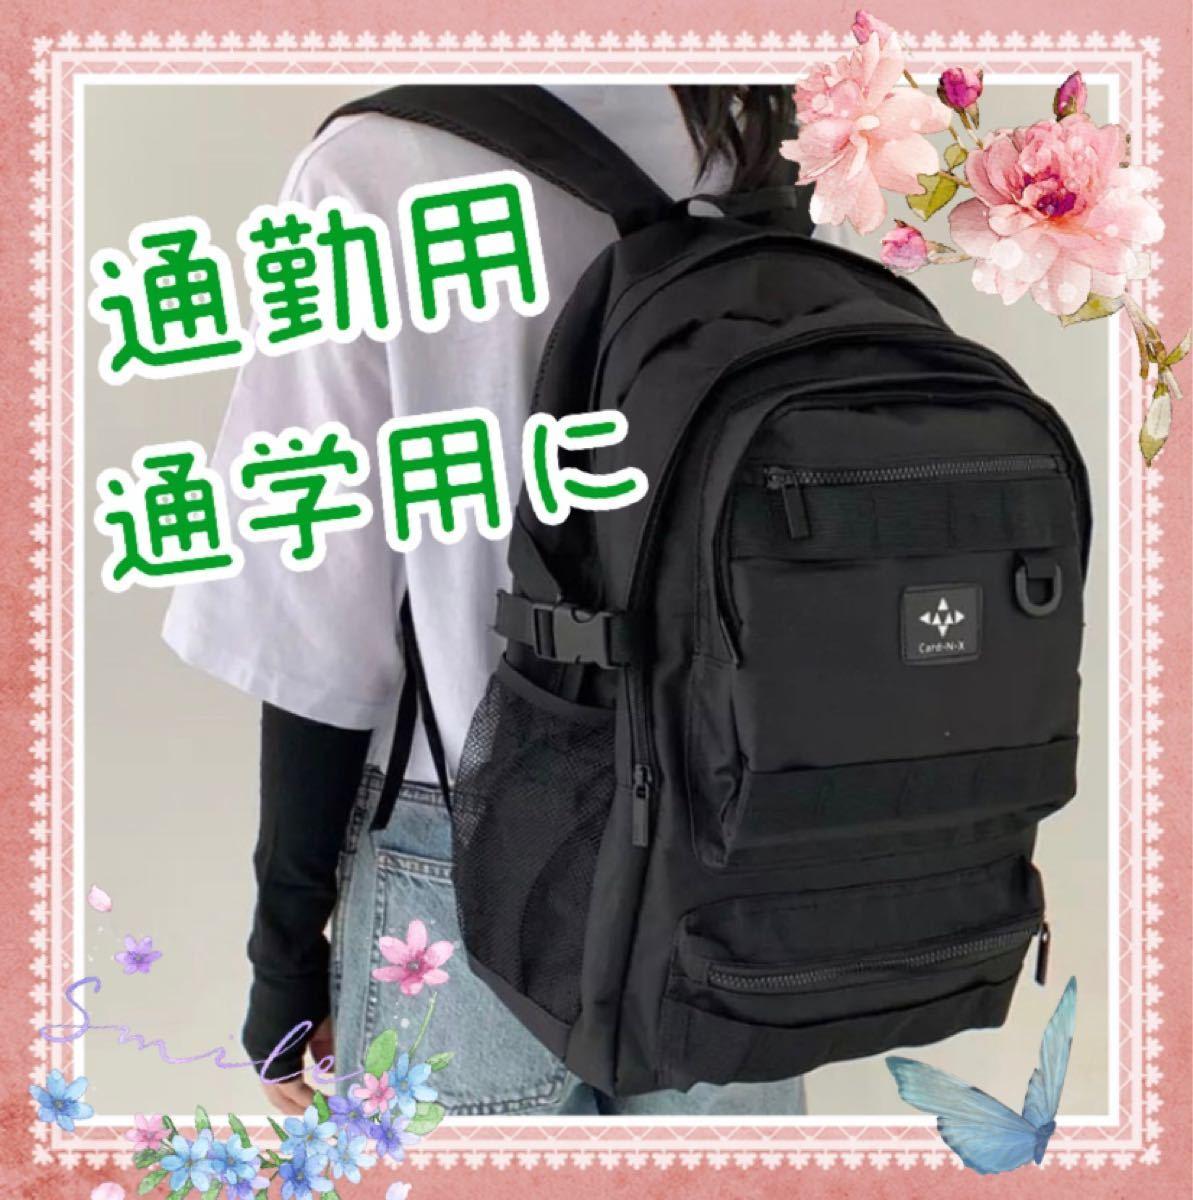 リュック 大容量 通勤 通学 バックパック レディース メンズ 韓国  リュックメンズ ビジネスリュック